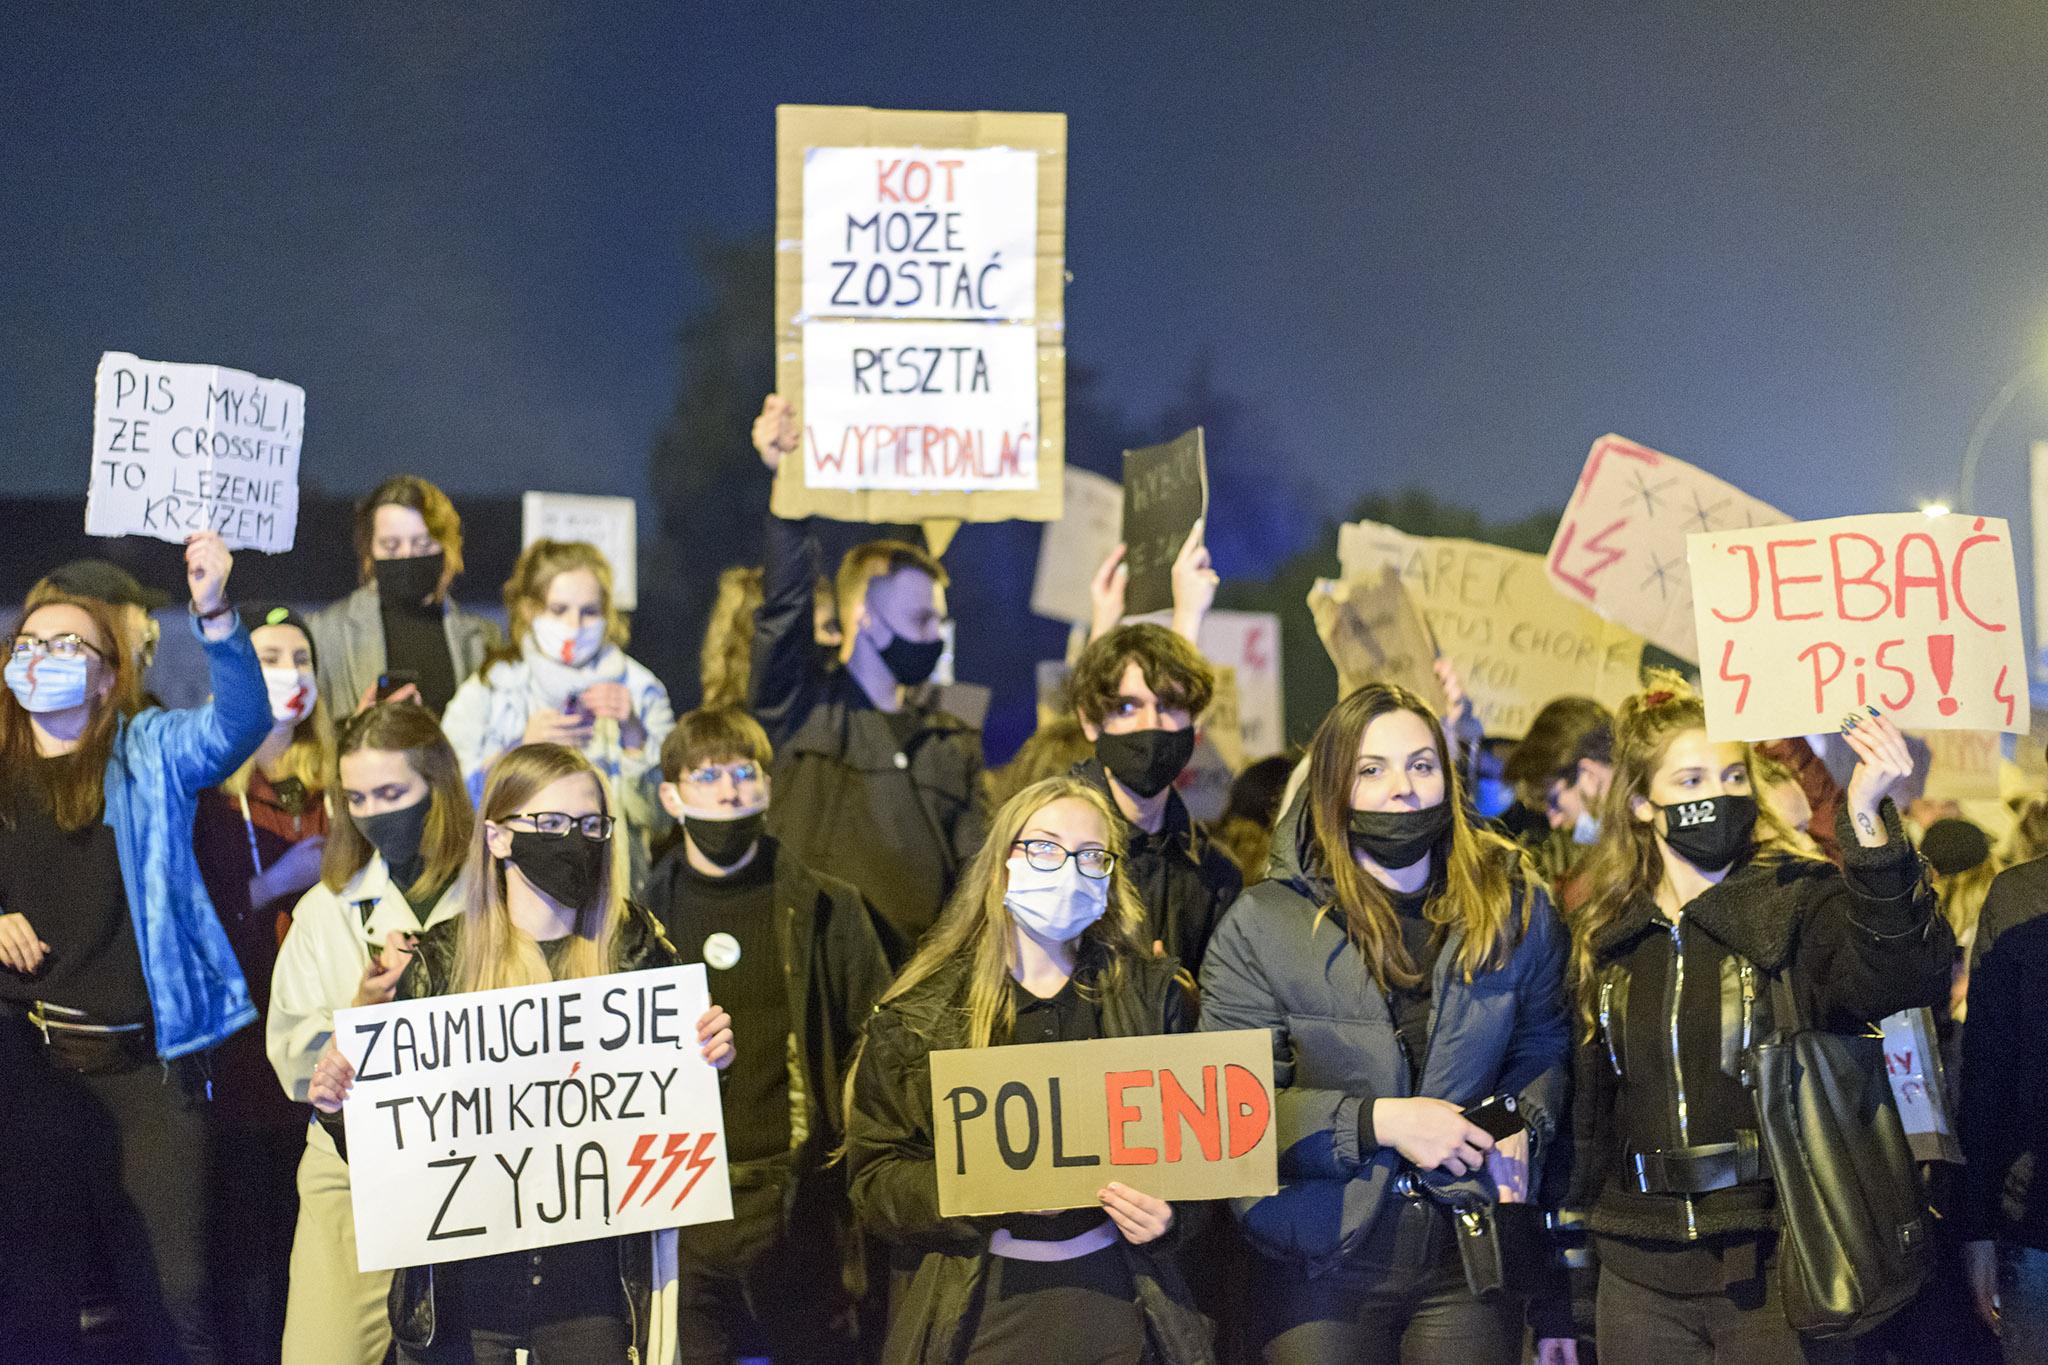 DSC_4729_RZESZOW_NEWS_SEBASTIAN_STANKIEWICZ